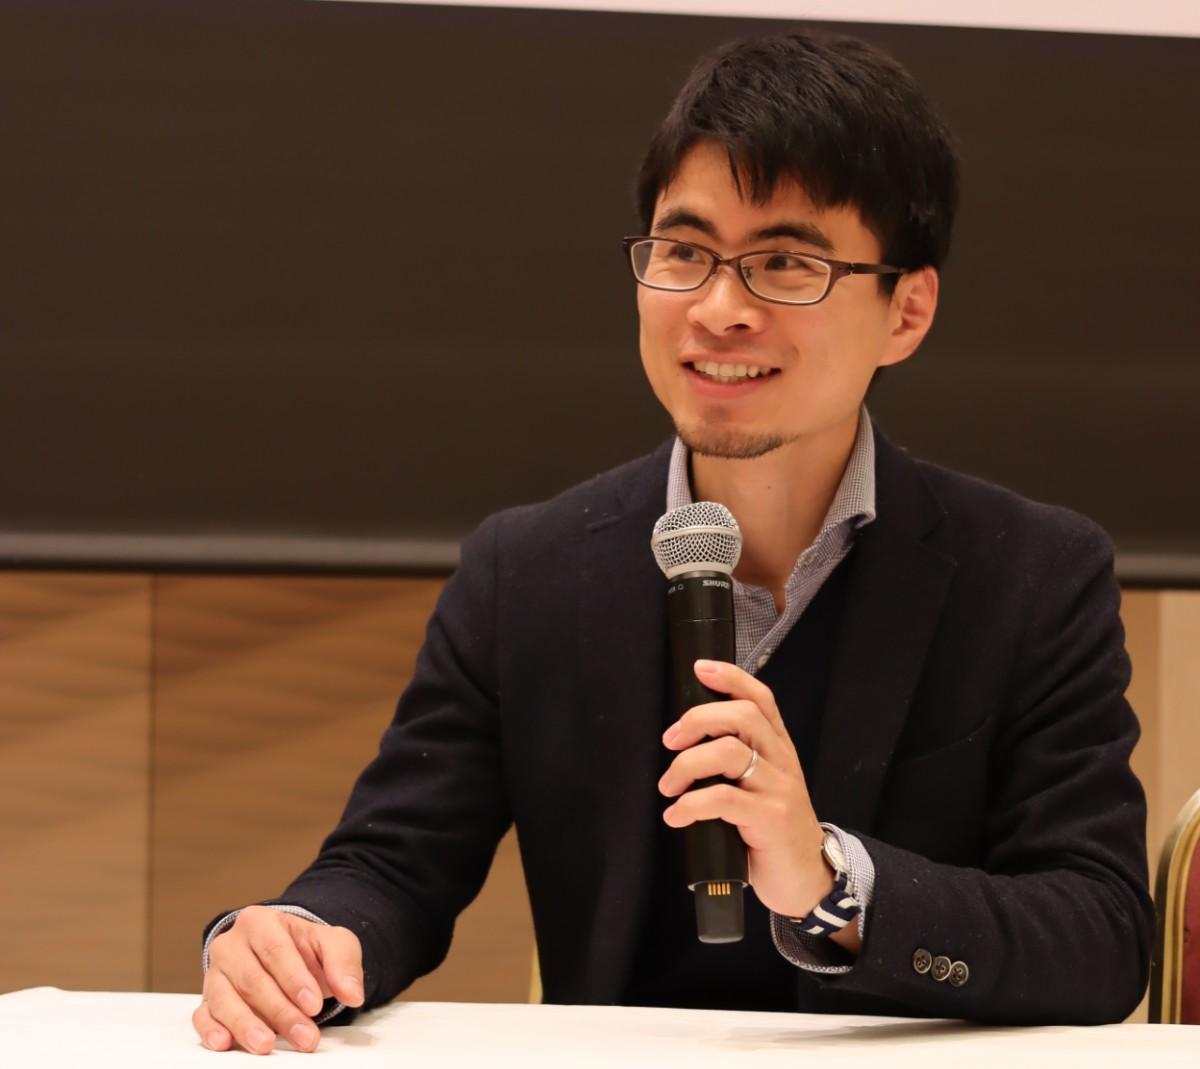 熊谷一亮 氏:NPO法人eboard コンテンツマネージャー